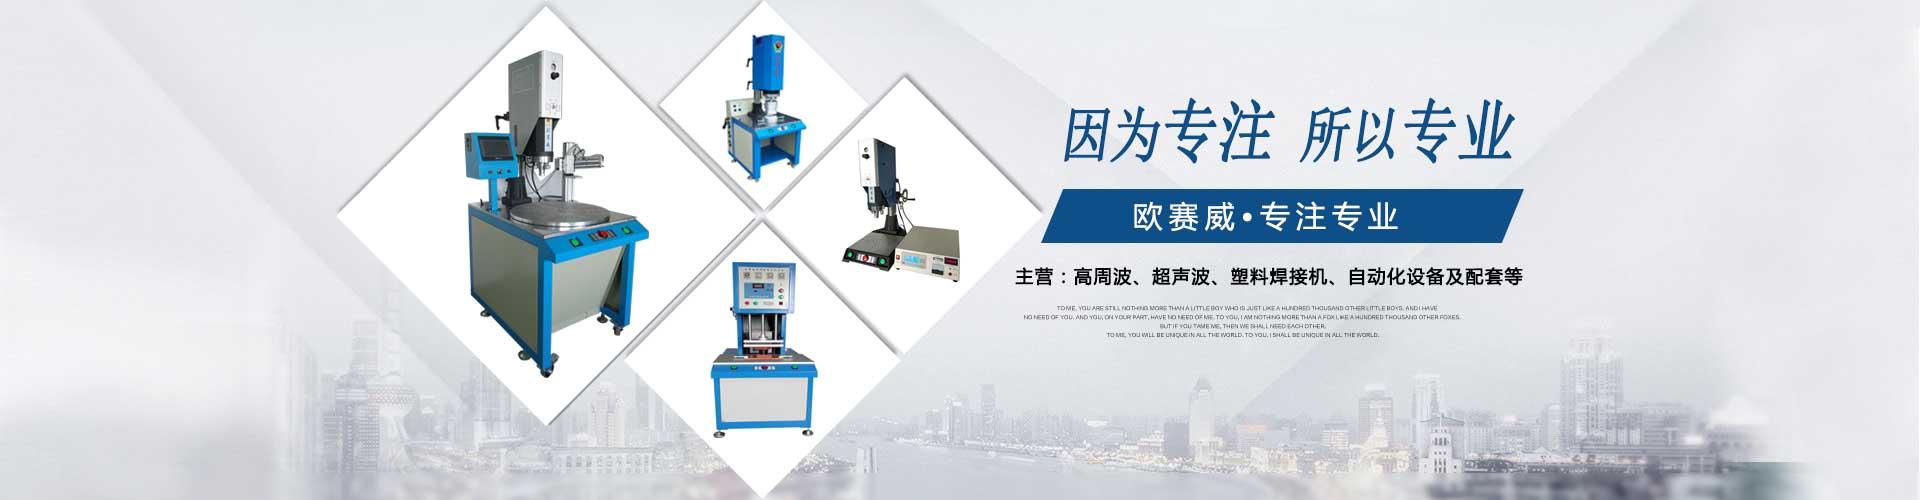 超声波焊接机塑料